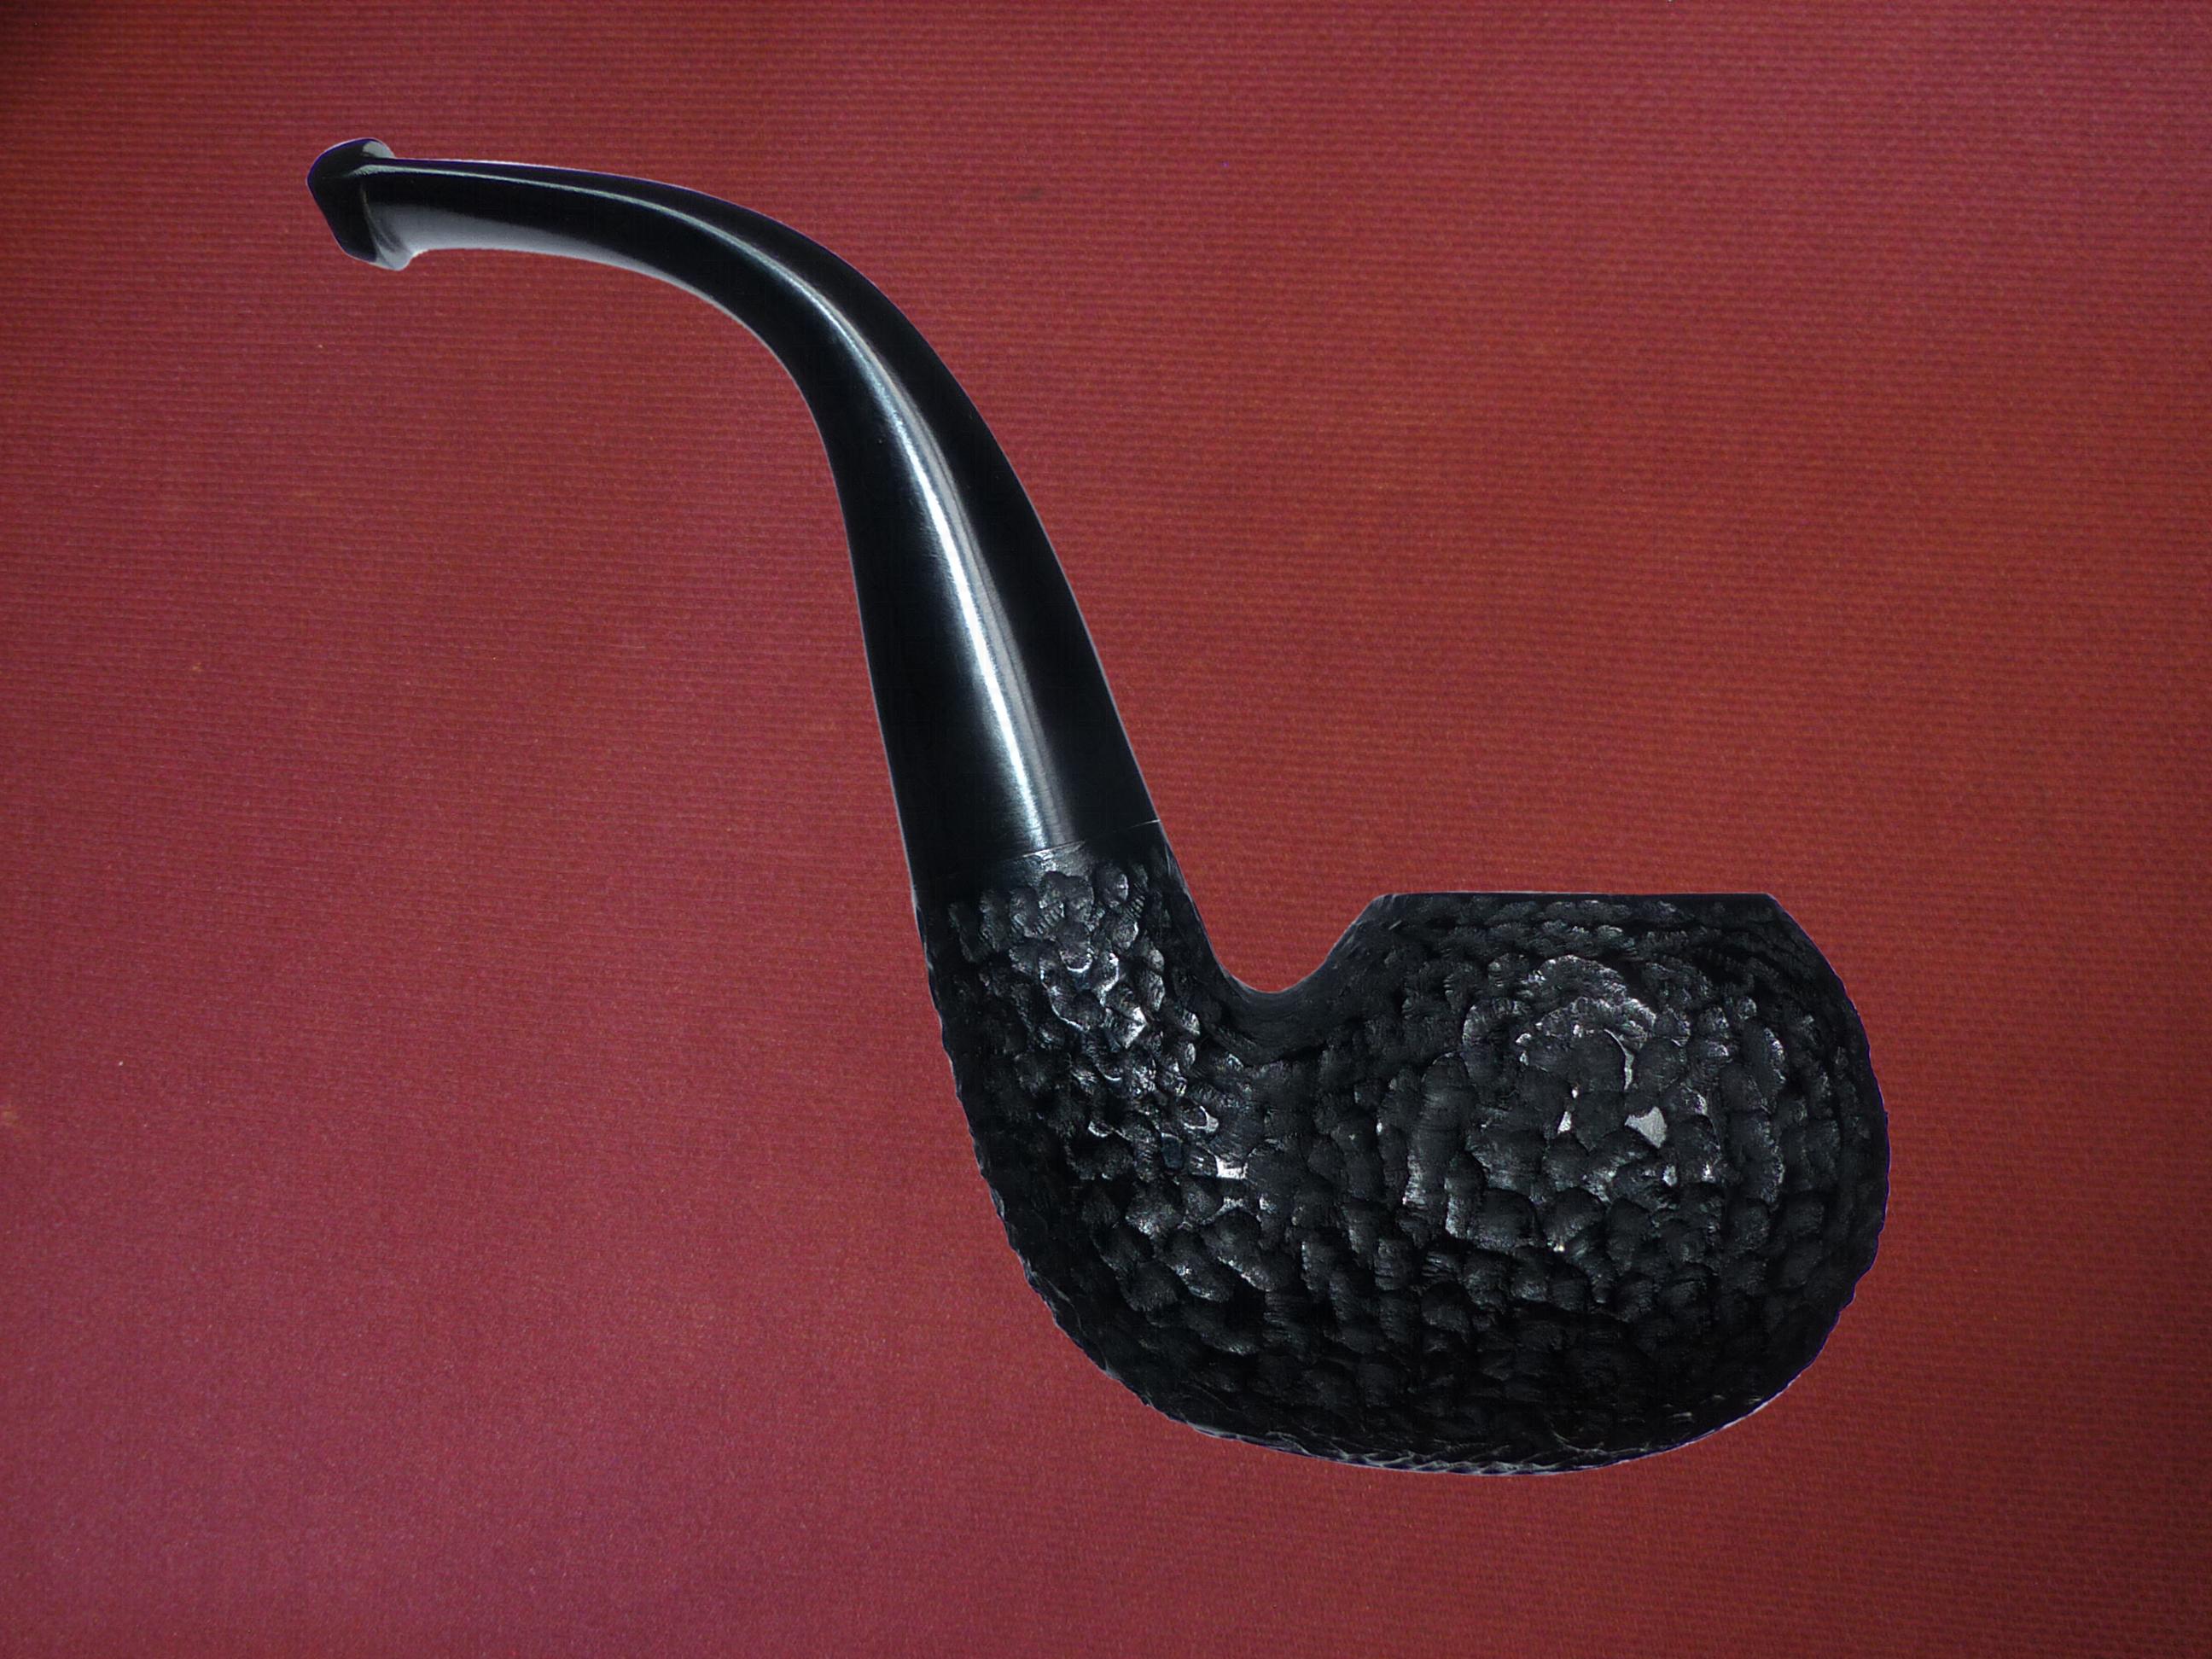 Quantock (Black Rustic)